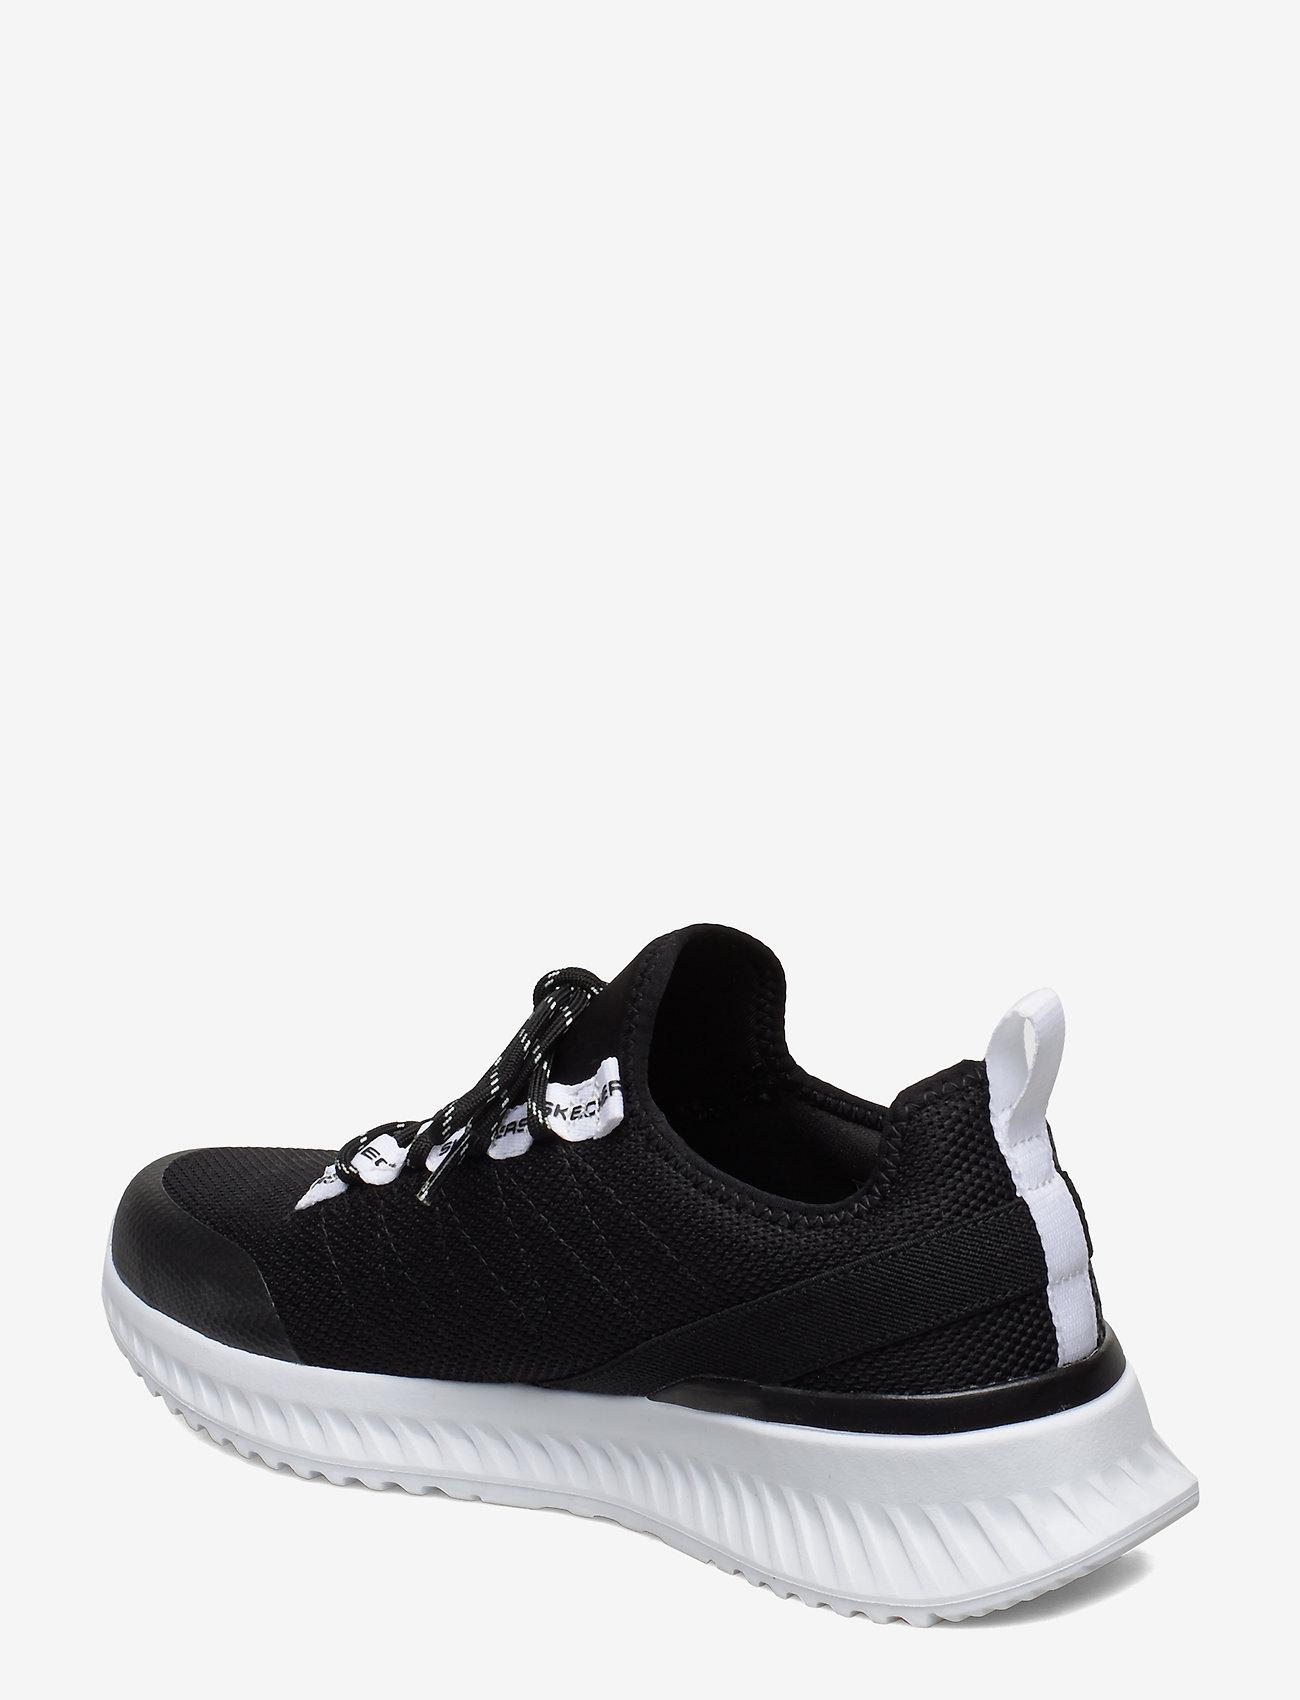 Mens Metera 2.0 (Bkw Black White) - Skechers